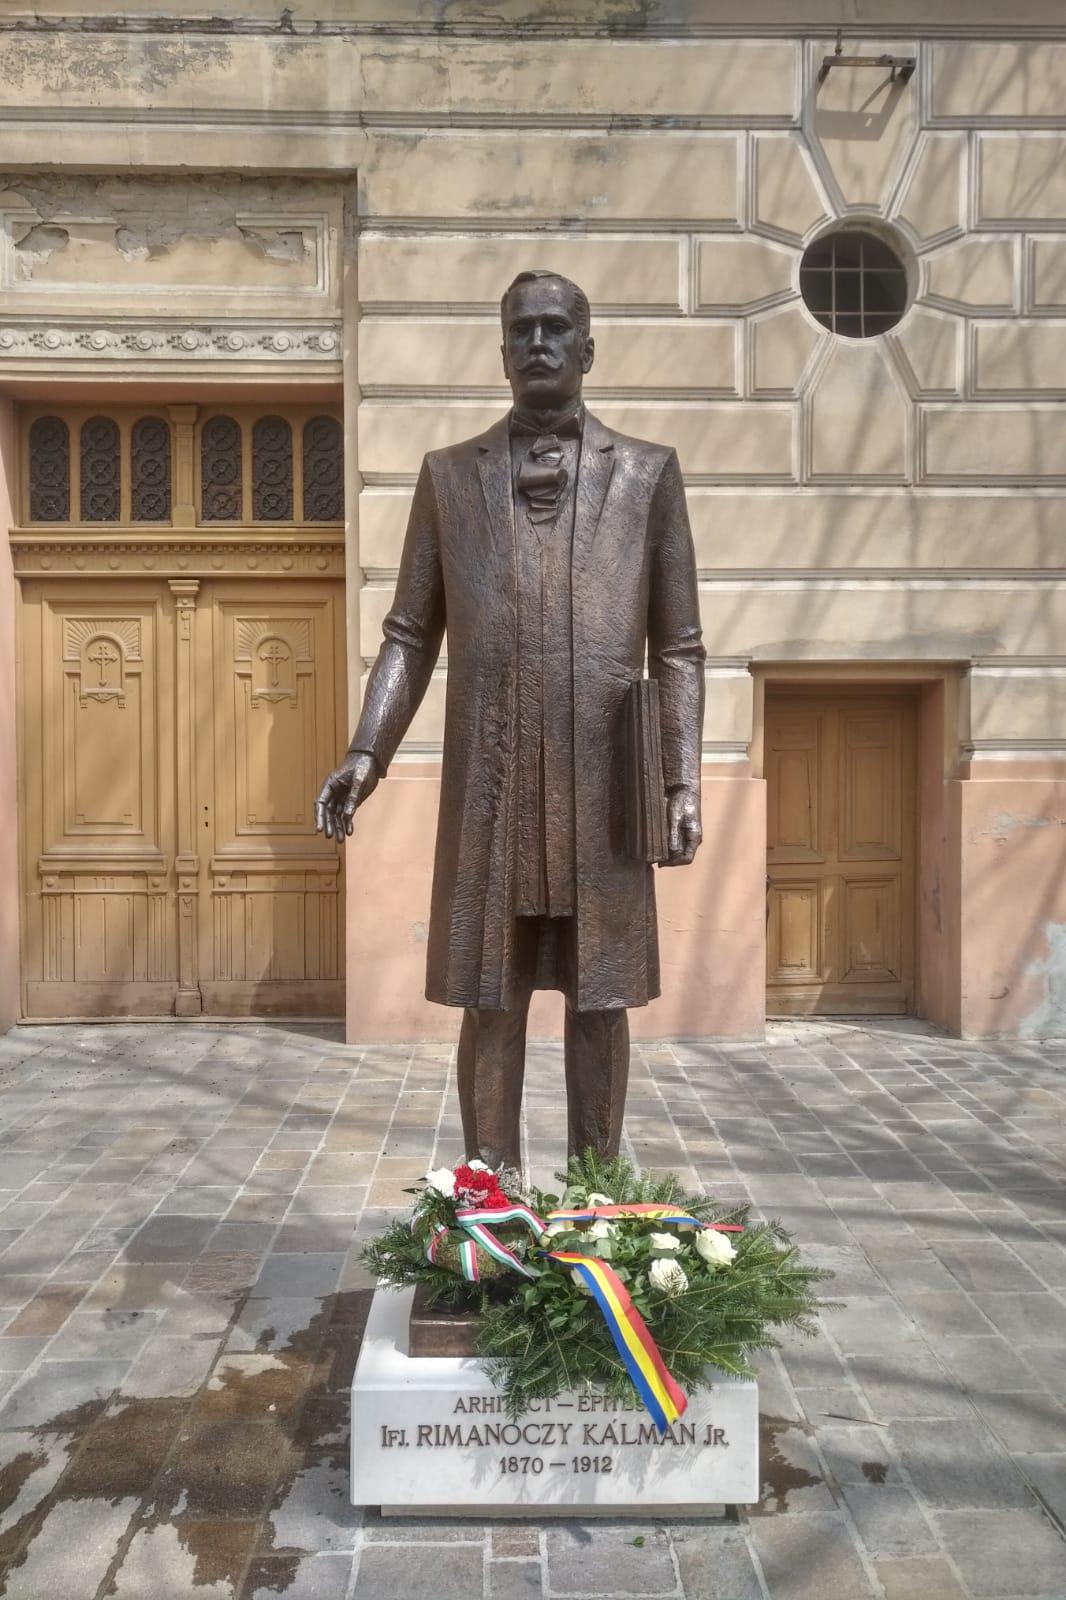 Rimanóczy Kálmán Jr Oradea